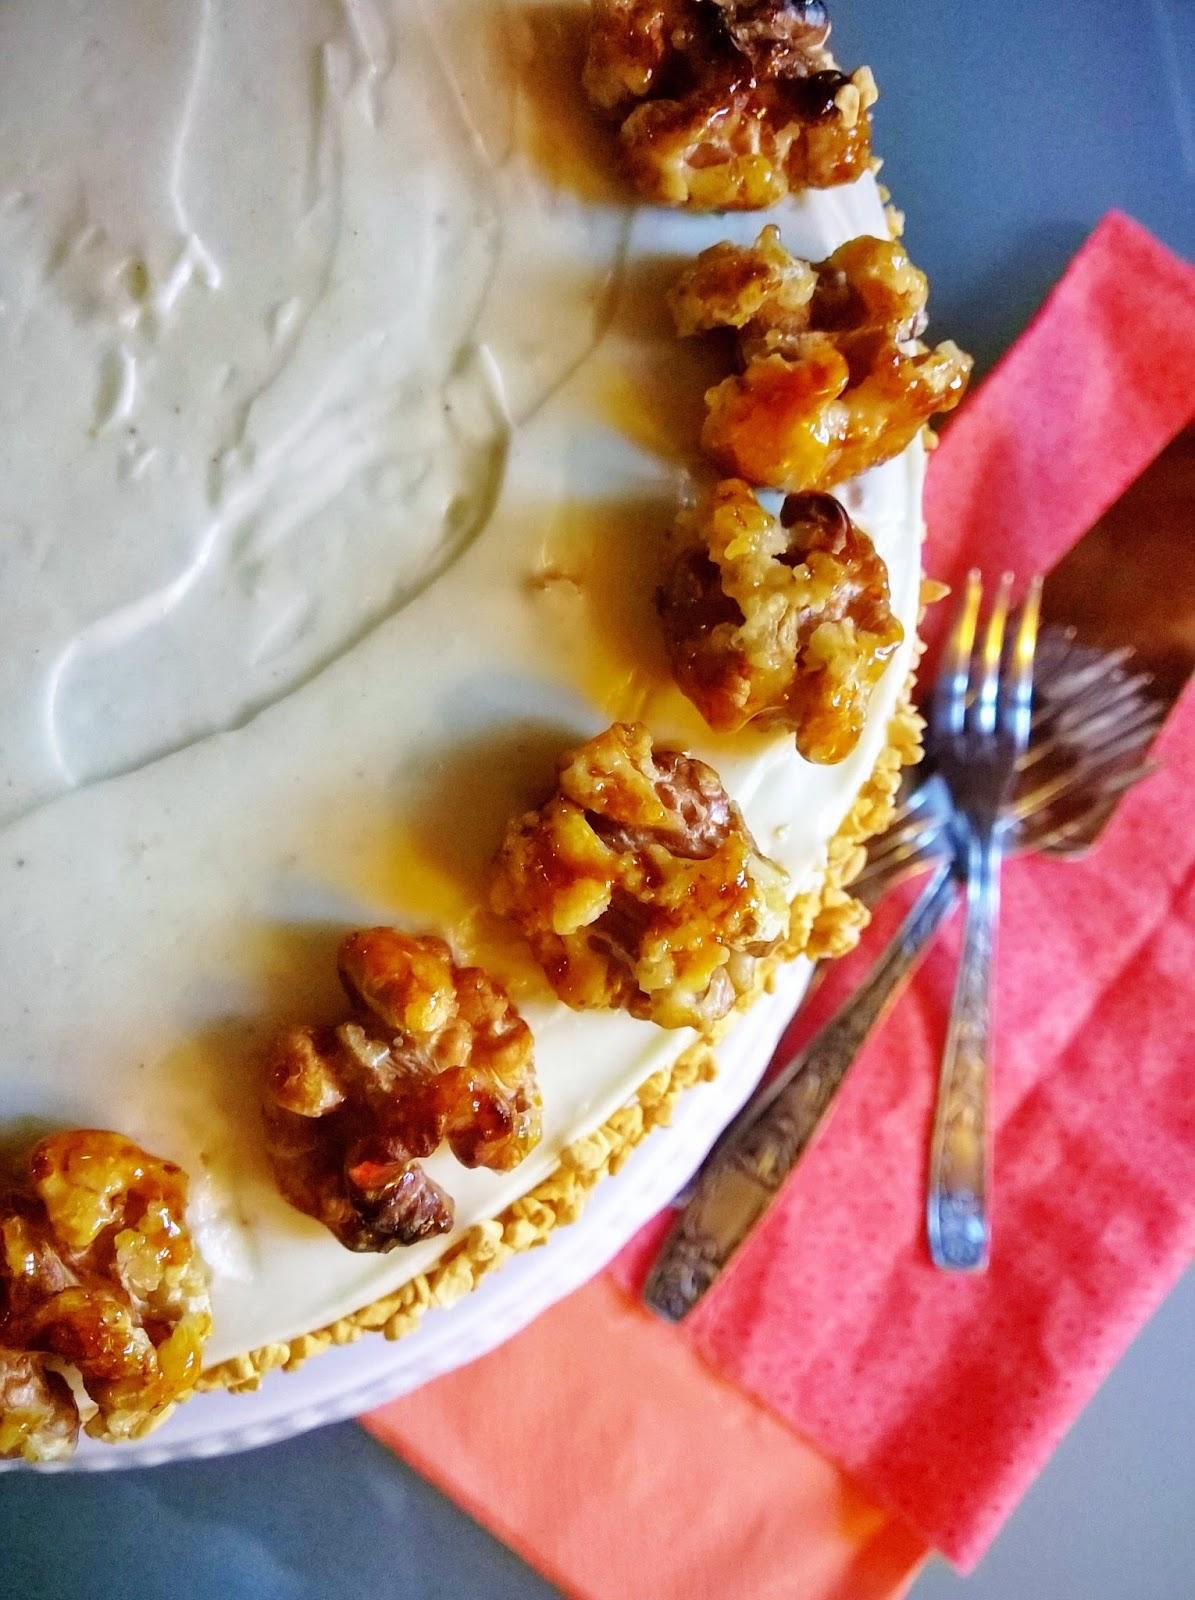 Torta speziata alle carote con glassa allo sciroppo d'acero